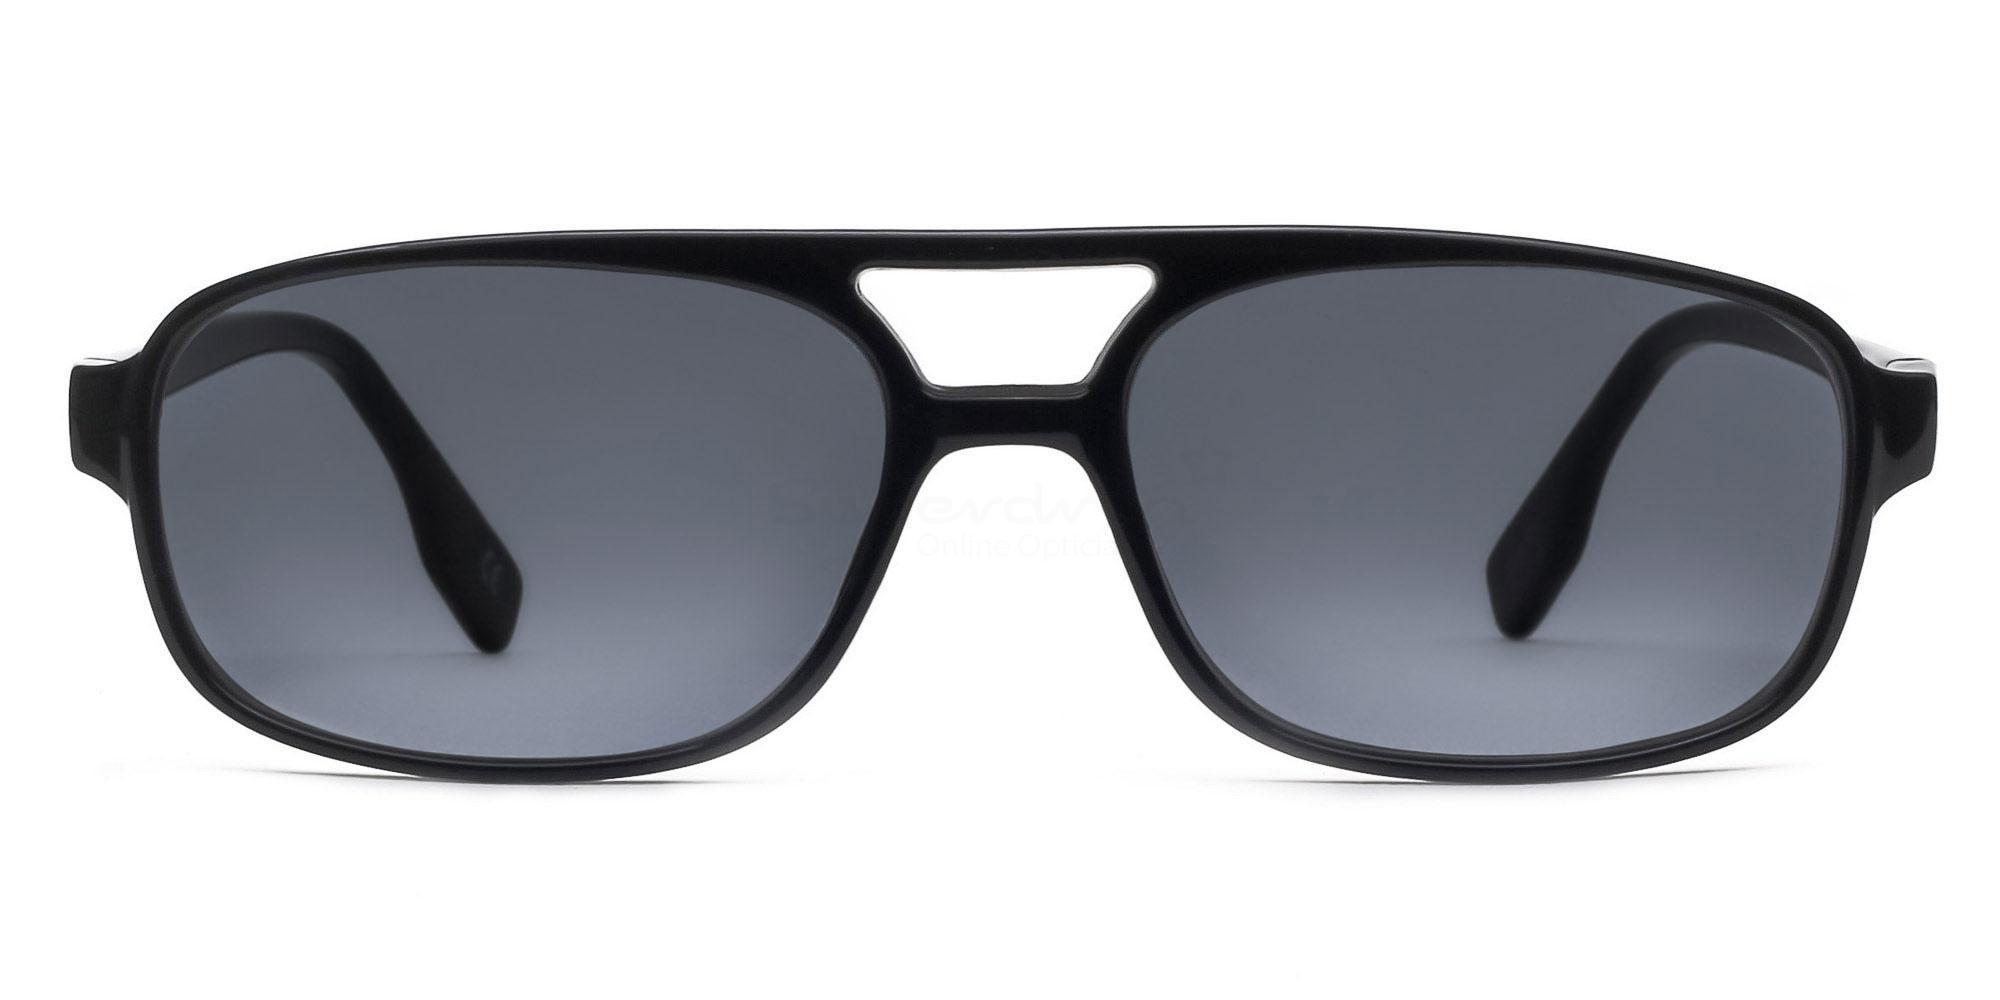 C01 Dark Grey P2395 - Black (Sunglasses) Sunglasses, Indium